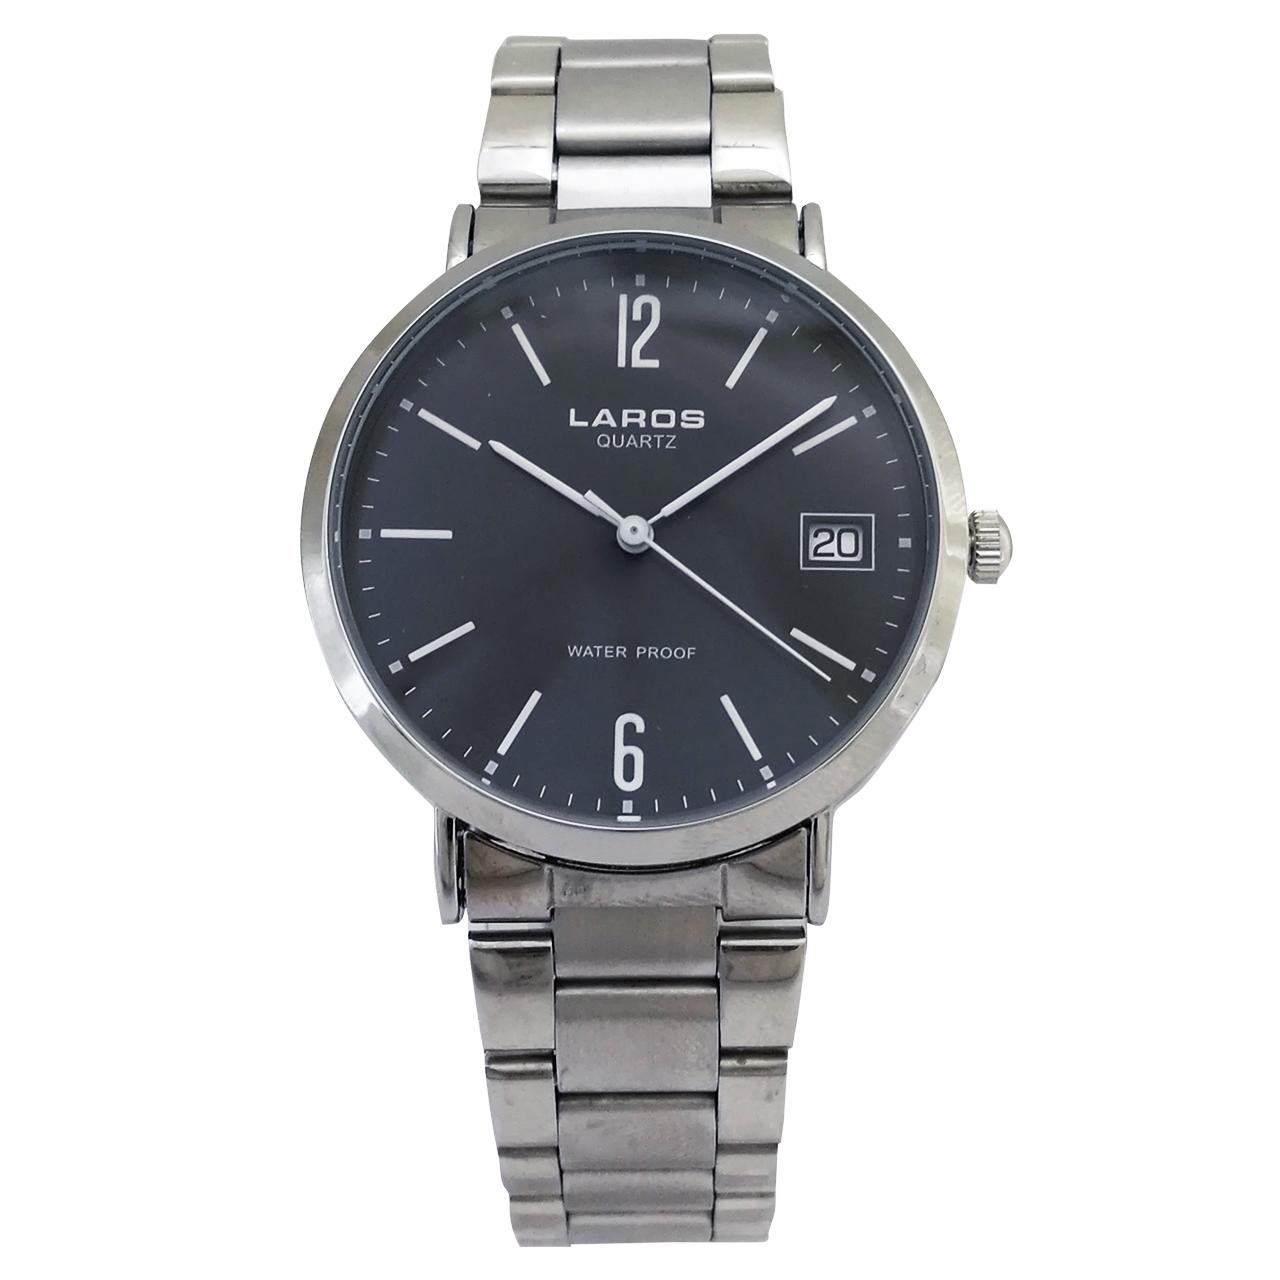 ساعت مچی عقربه ای مردانه لاروس مدل  1117-80131-d به همراه دستمال مخصوص برند کلین واچ